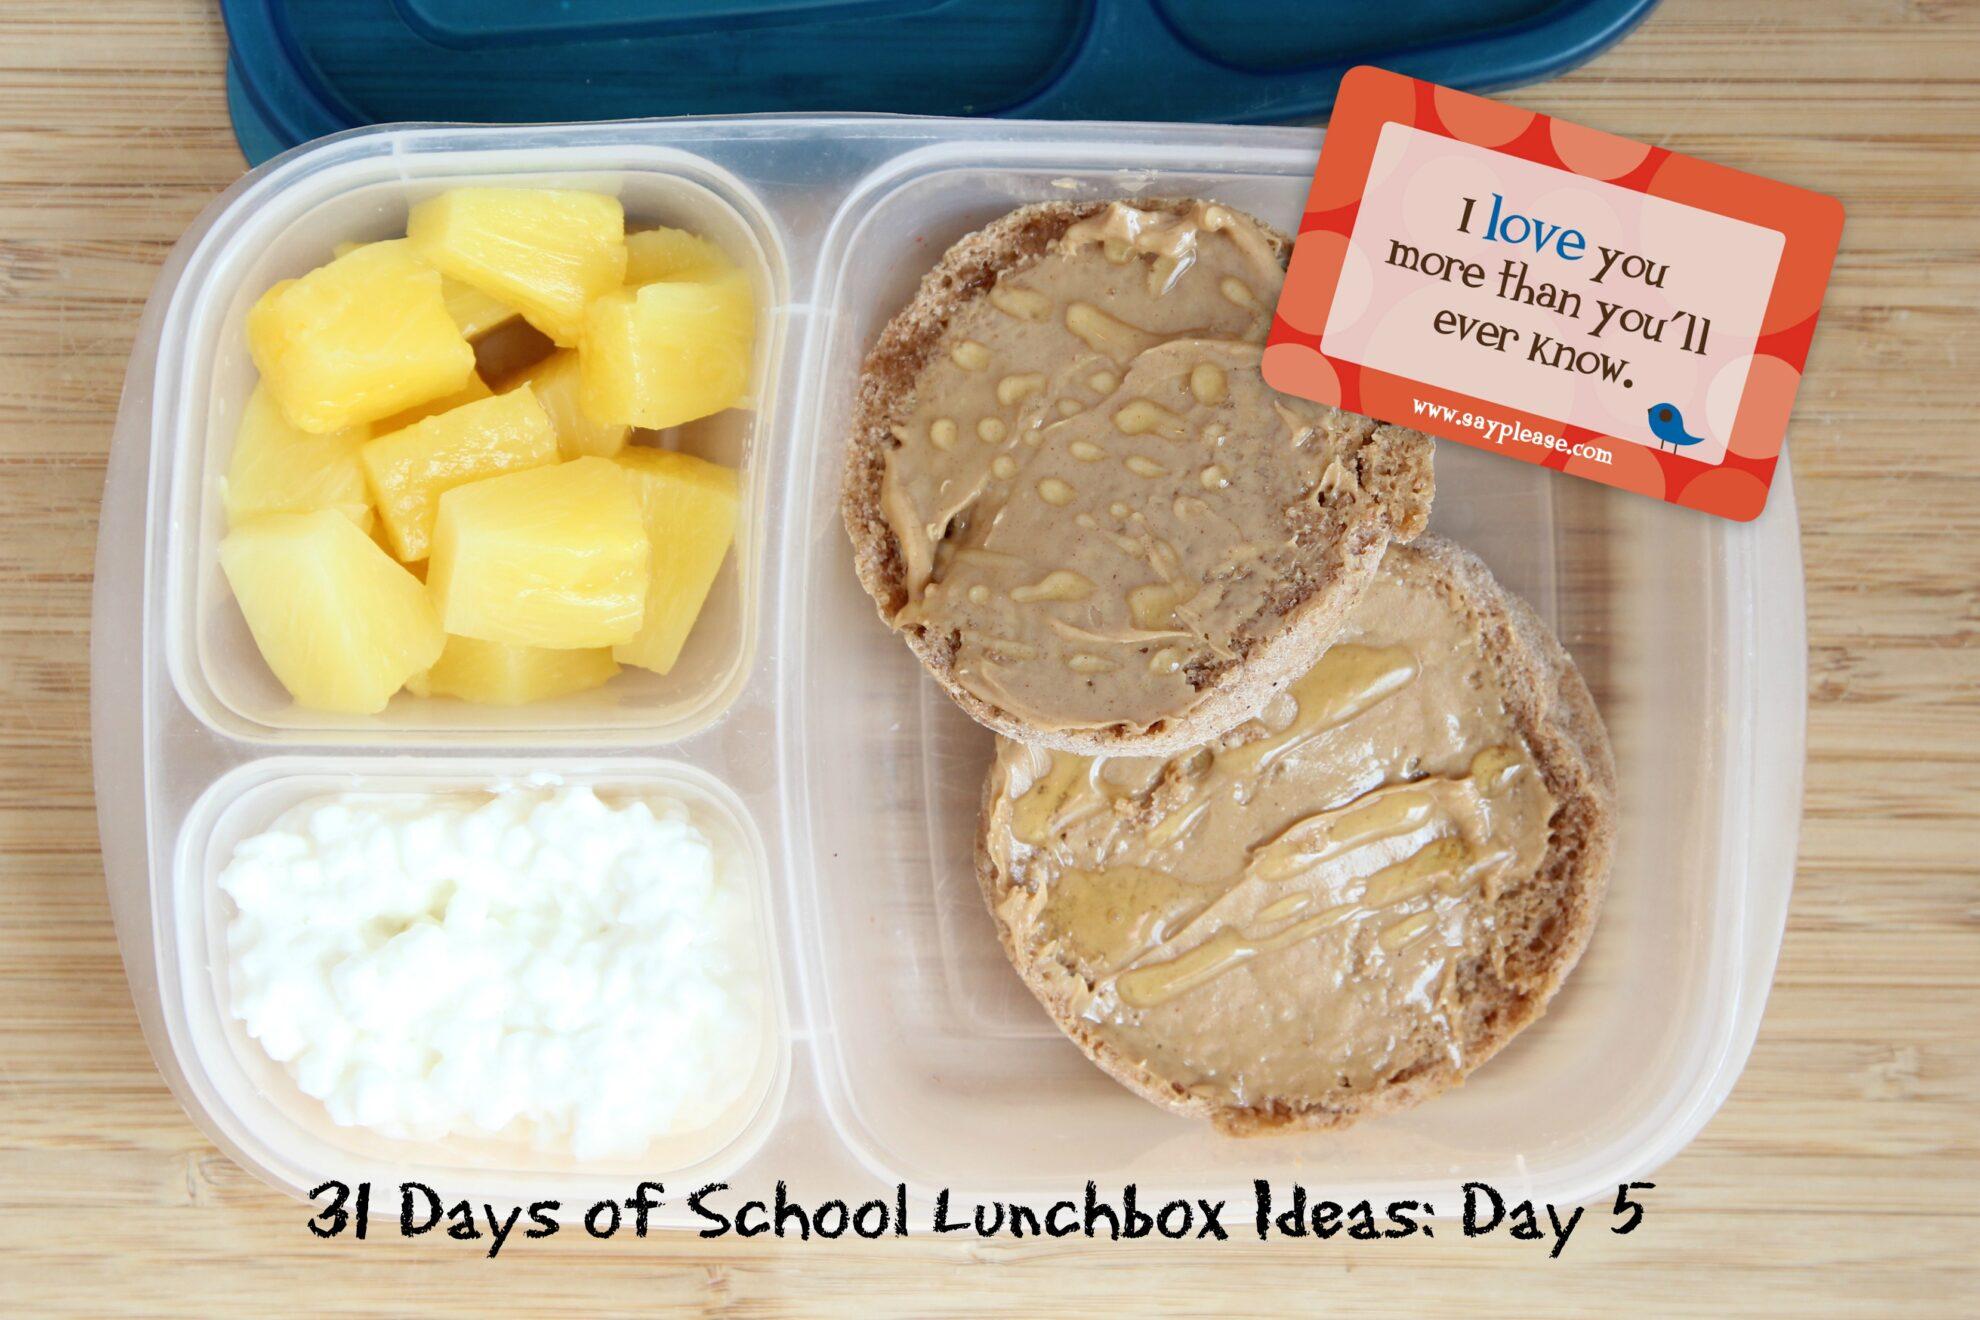 31 Days of School Lunchbox Ideas: Day 5 | 5DollarDinners.com